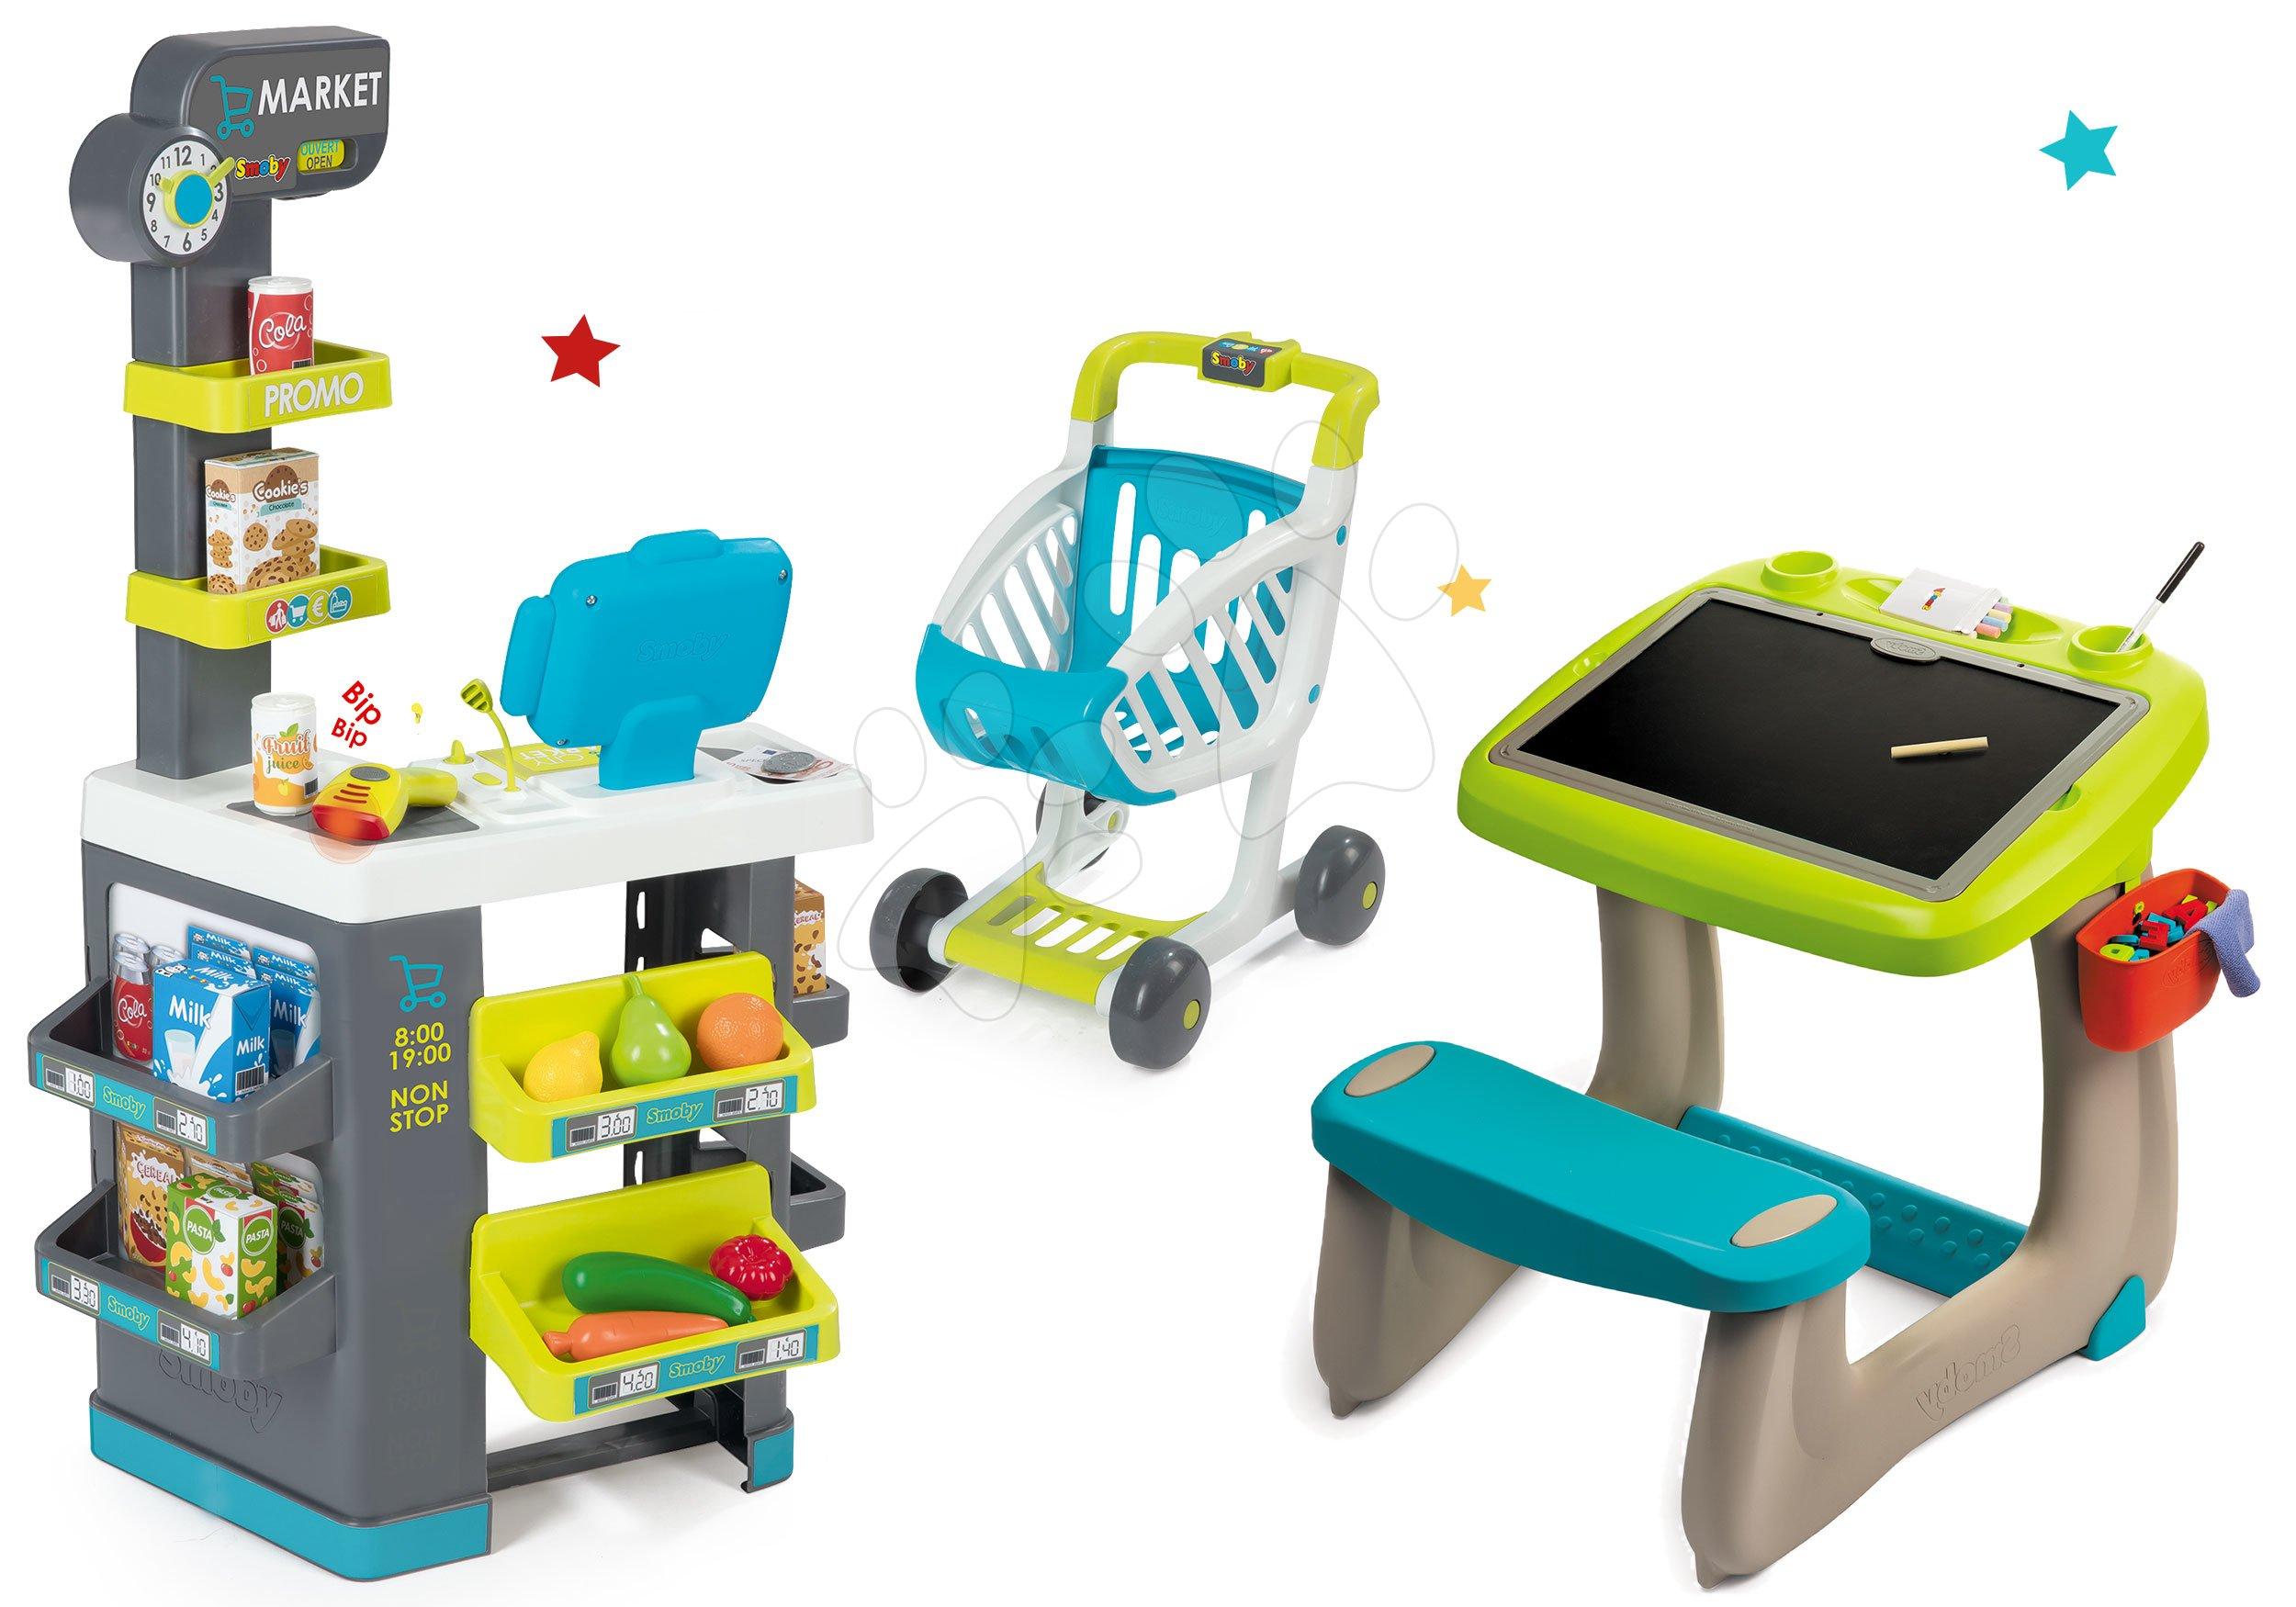 Set lavica na kreslenie a magnetky Little Pupils Desk Smoby s obojstrannou tabuľou a obchod s potravinami Market s elektronickou pokladňou